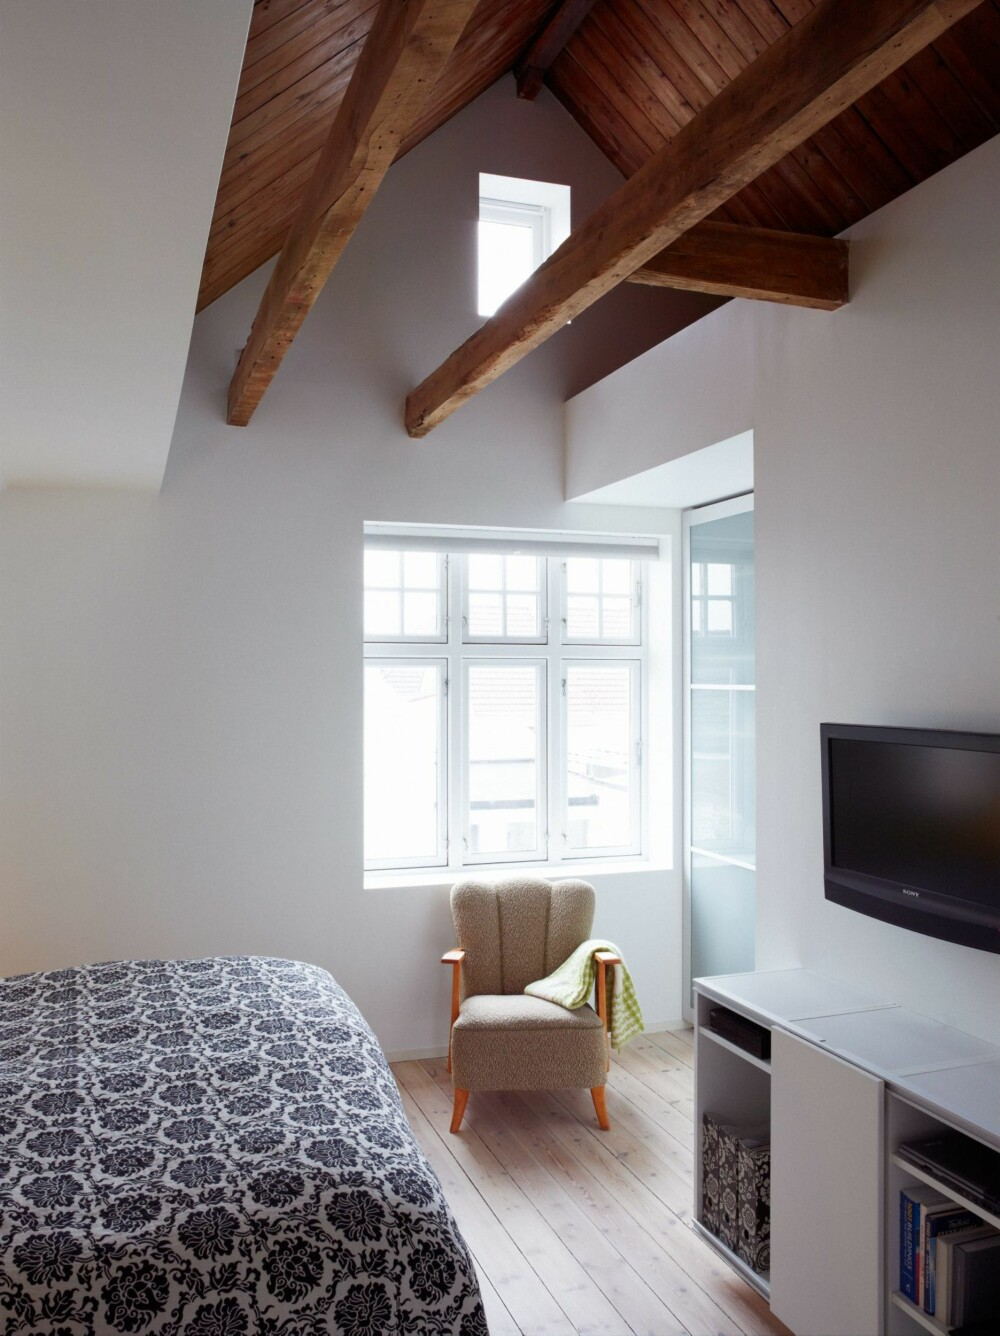 VARMT OG KJØLIG: Etter at taket ble revet kom takmønet til sin rett som et arkitektonisk innslag på soverommet. Det originale treverket gir varme til det ellers kjølige rommet. Stolen er kjøpt hos Fretex.